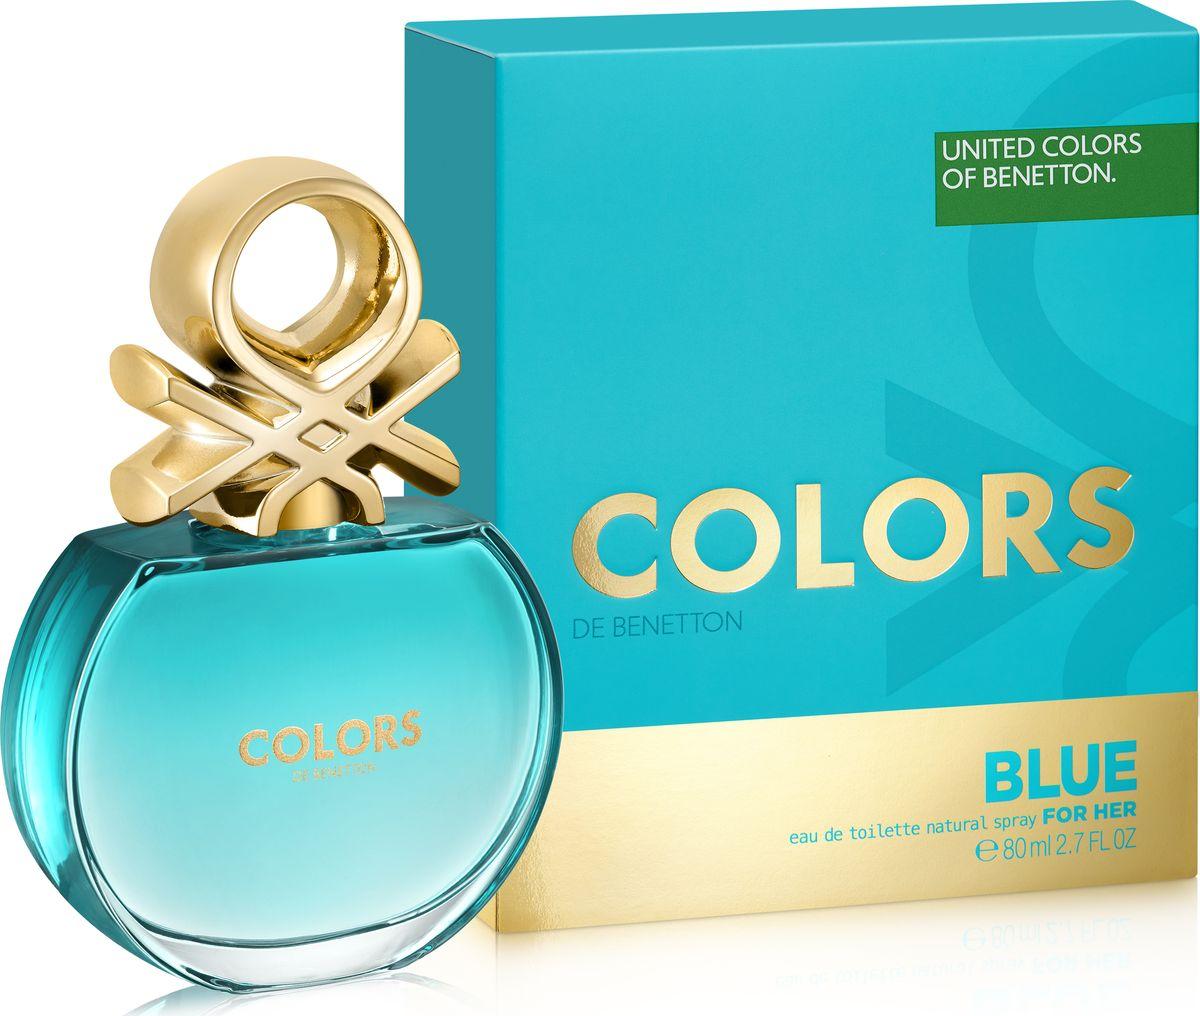 Benetton Colors Blue Туалетная вода женская 80 мл5010777139655Аромат в бирюзовом флаконе раскрывается яркой, искристой смесью севильского апельсина и энергичного юдзу. Женственные ноты нероли и характерные ноты чая матэ наделяют его элегантностью, подчеркнутой прозрачной фрезией. В базе чистая и чувственная свежесть бобов тонка переплетается с характером кедра и тягучестью мускуса. Аромат с индивидуальностью. Совершенно неотразимый.Верхняя нота: Севильский апельсин, Лимон, ЮдзуСредняя нота: Апельсиновый цвет, Фрезия, МатэШлейф: Тонизирующие ноты матэ с ломтиком цитрусовых. Бодрящий, яркий, живойНанести на кожу, избегая попадания в глаза.